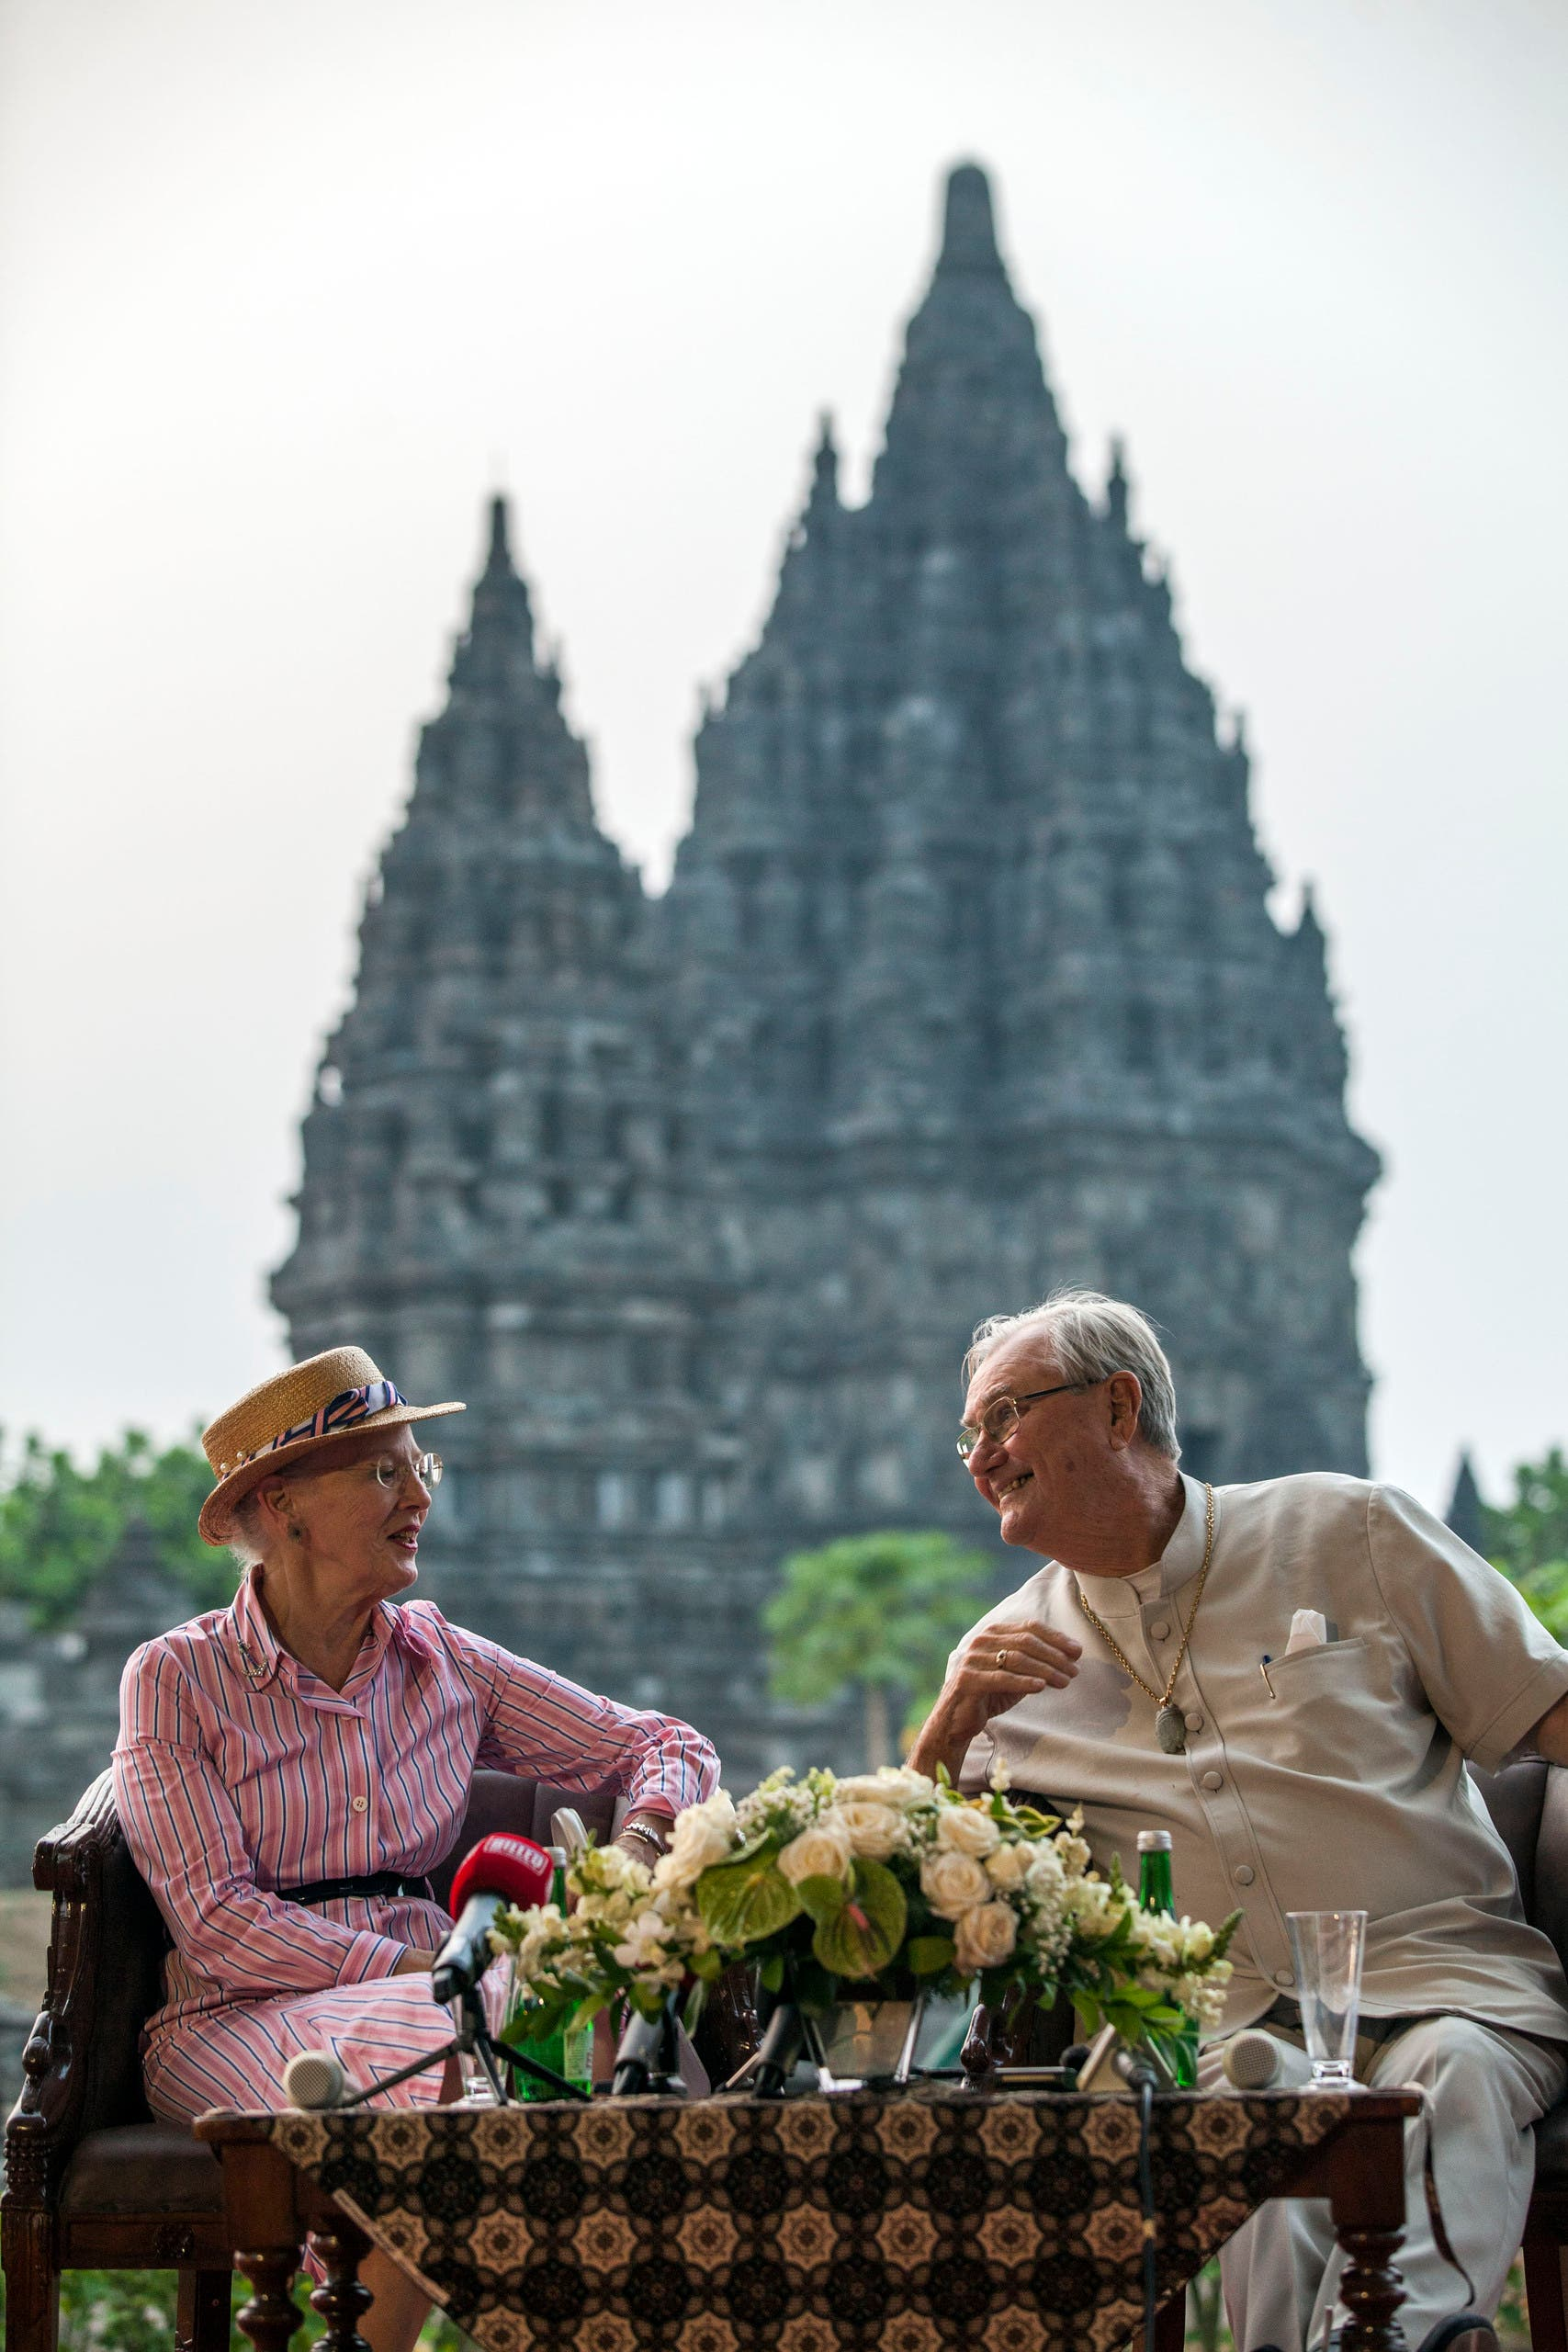 الأمير هنريك مع زوجته الملكة مارغريت خلال زيارة لتايلاند